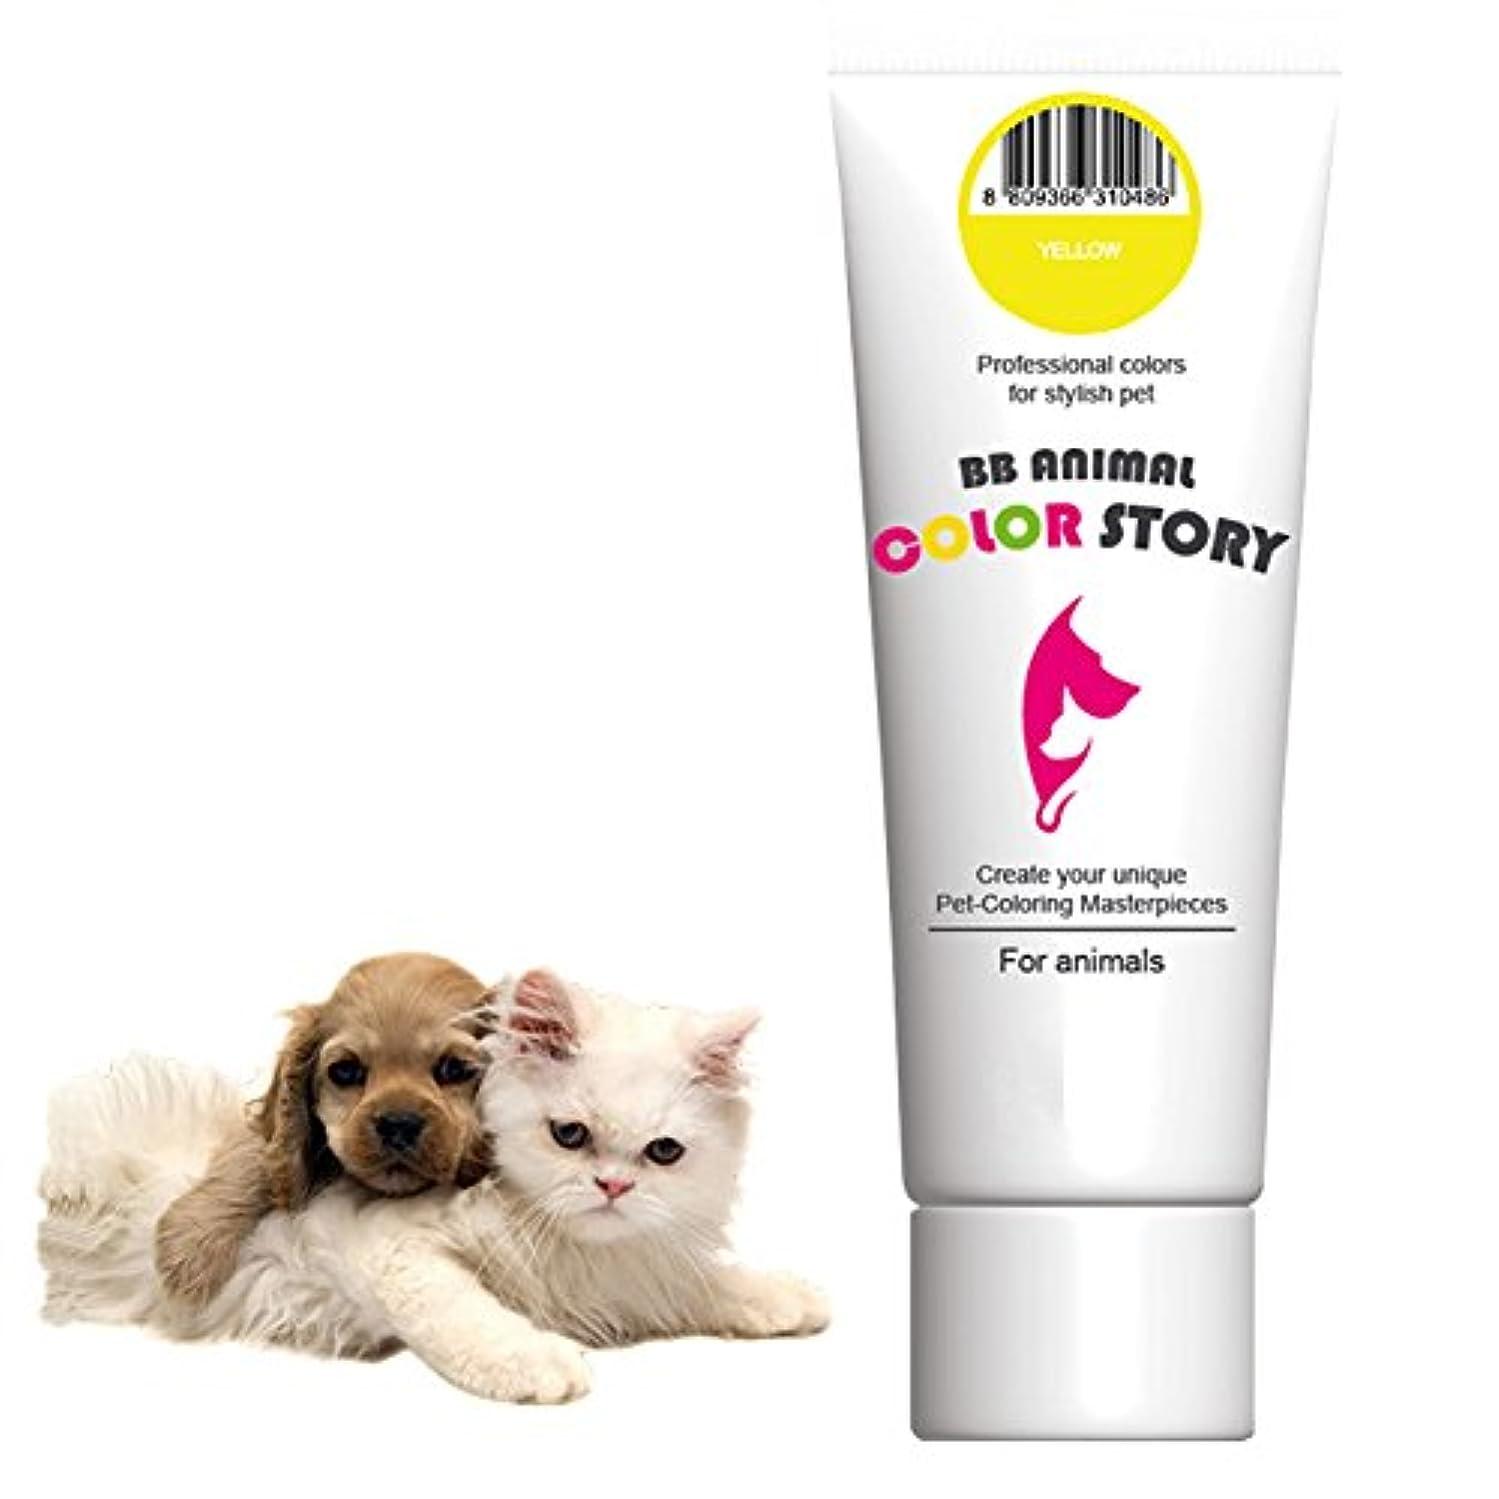 宇宙船フォーカス現代毛染め, 犬ヘアダイ Yellow カラーリング Dog Hair Hair Bleach Dye Hair Coloring Professional Colors for Stylish Pet 50ml 並行輸入